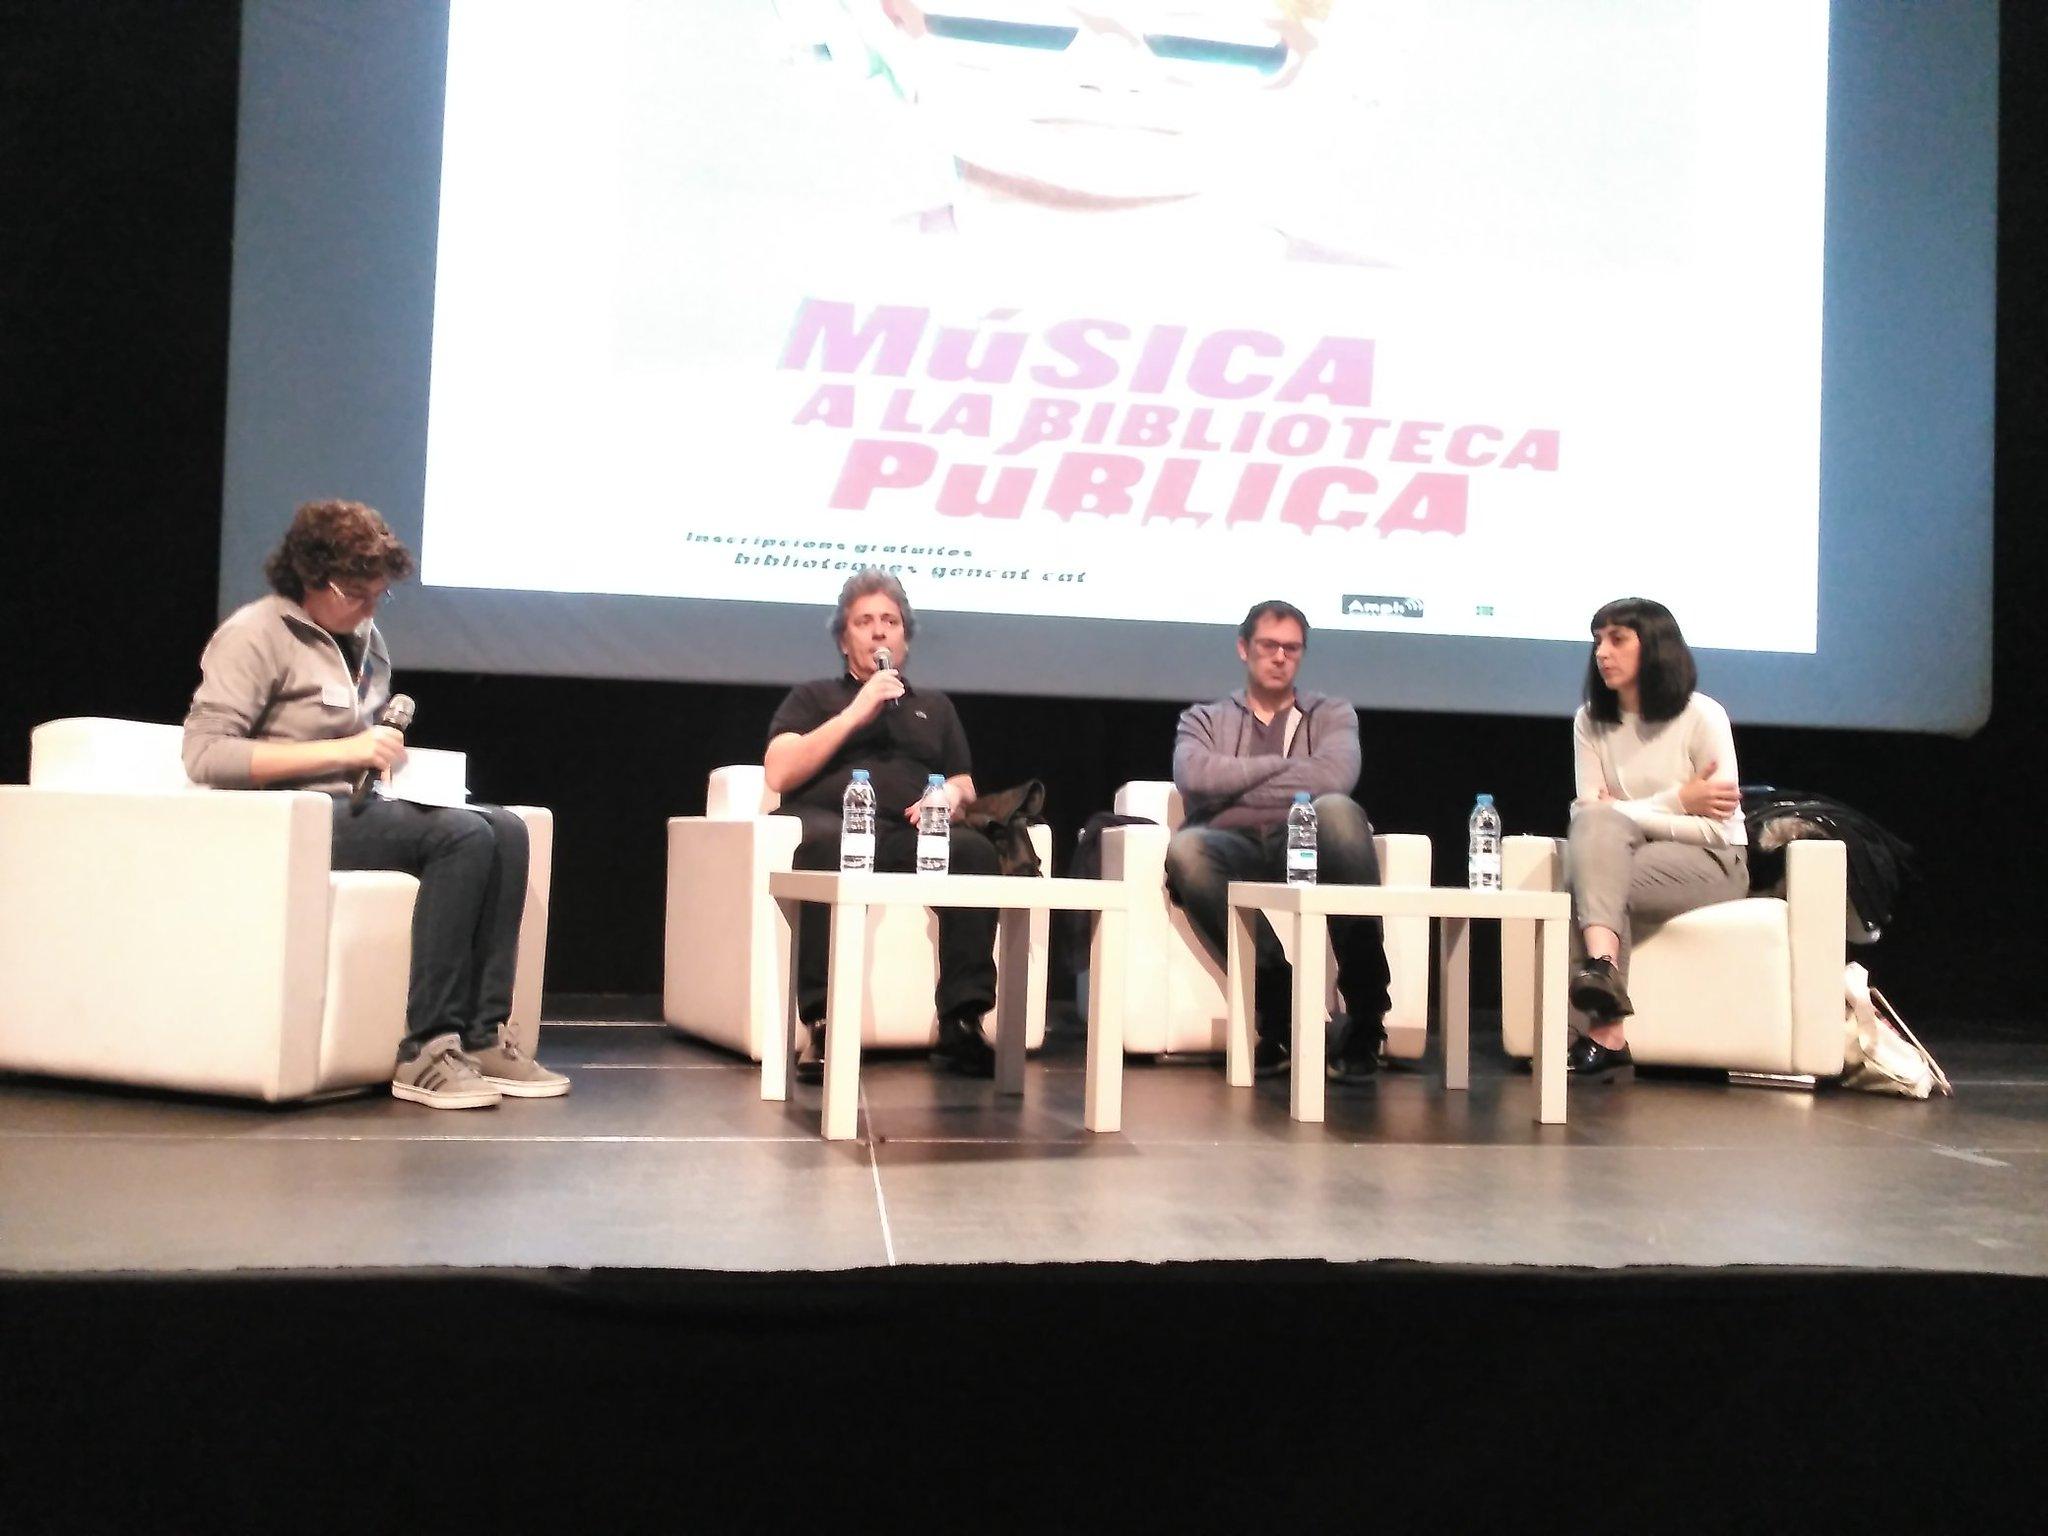 Comença la taula rodona sobre la difusió musical a través dels mitjans amb Ignacio Julià, @nandocruz32 i @TitaDesustance #bibandplay https://t.co/aKoEsW5Sfa